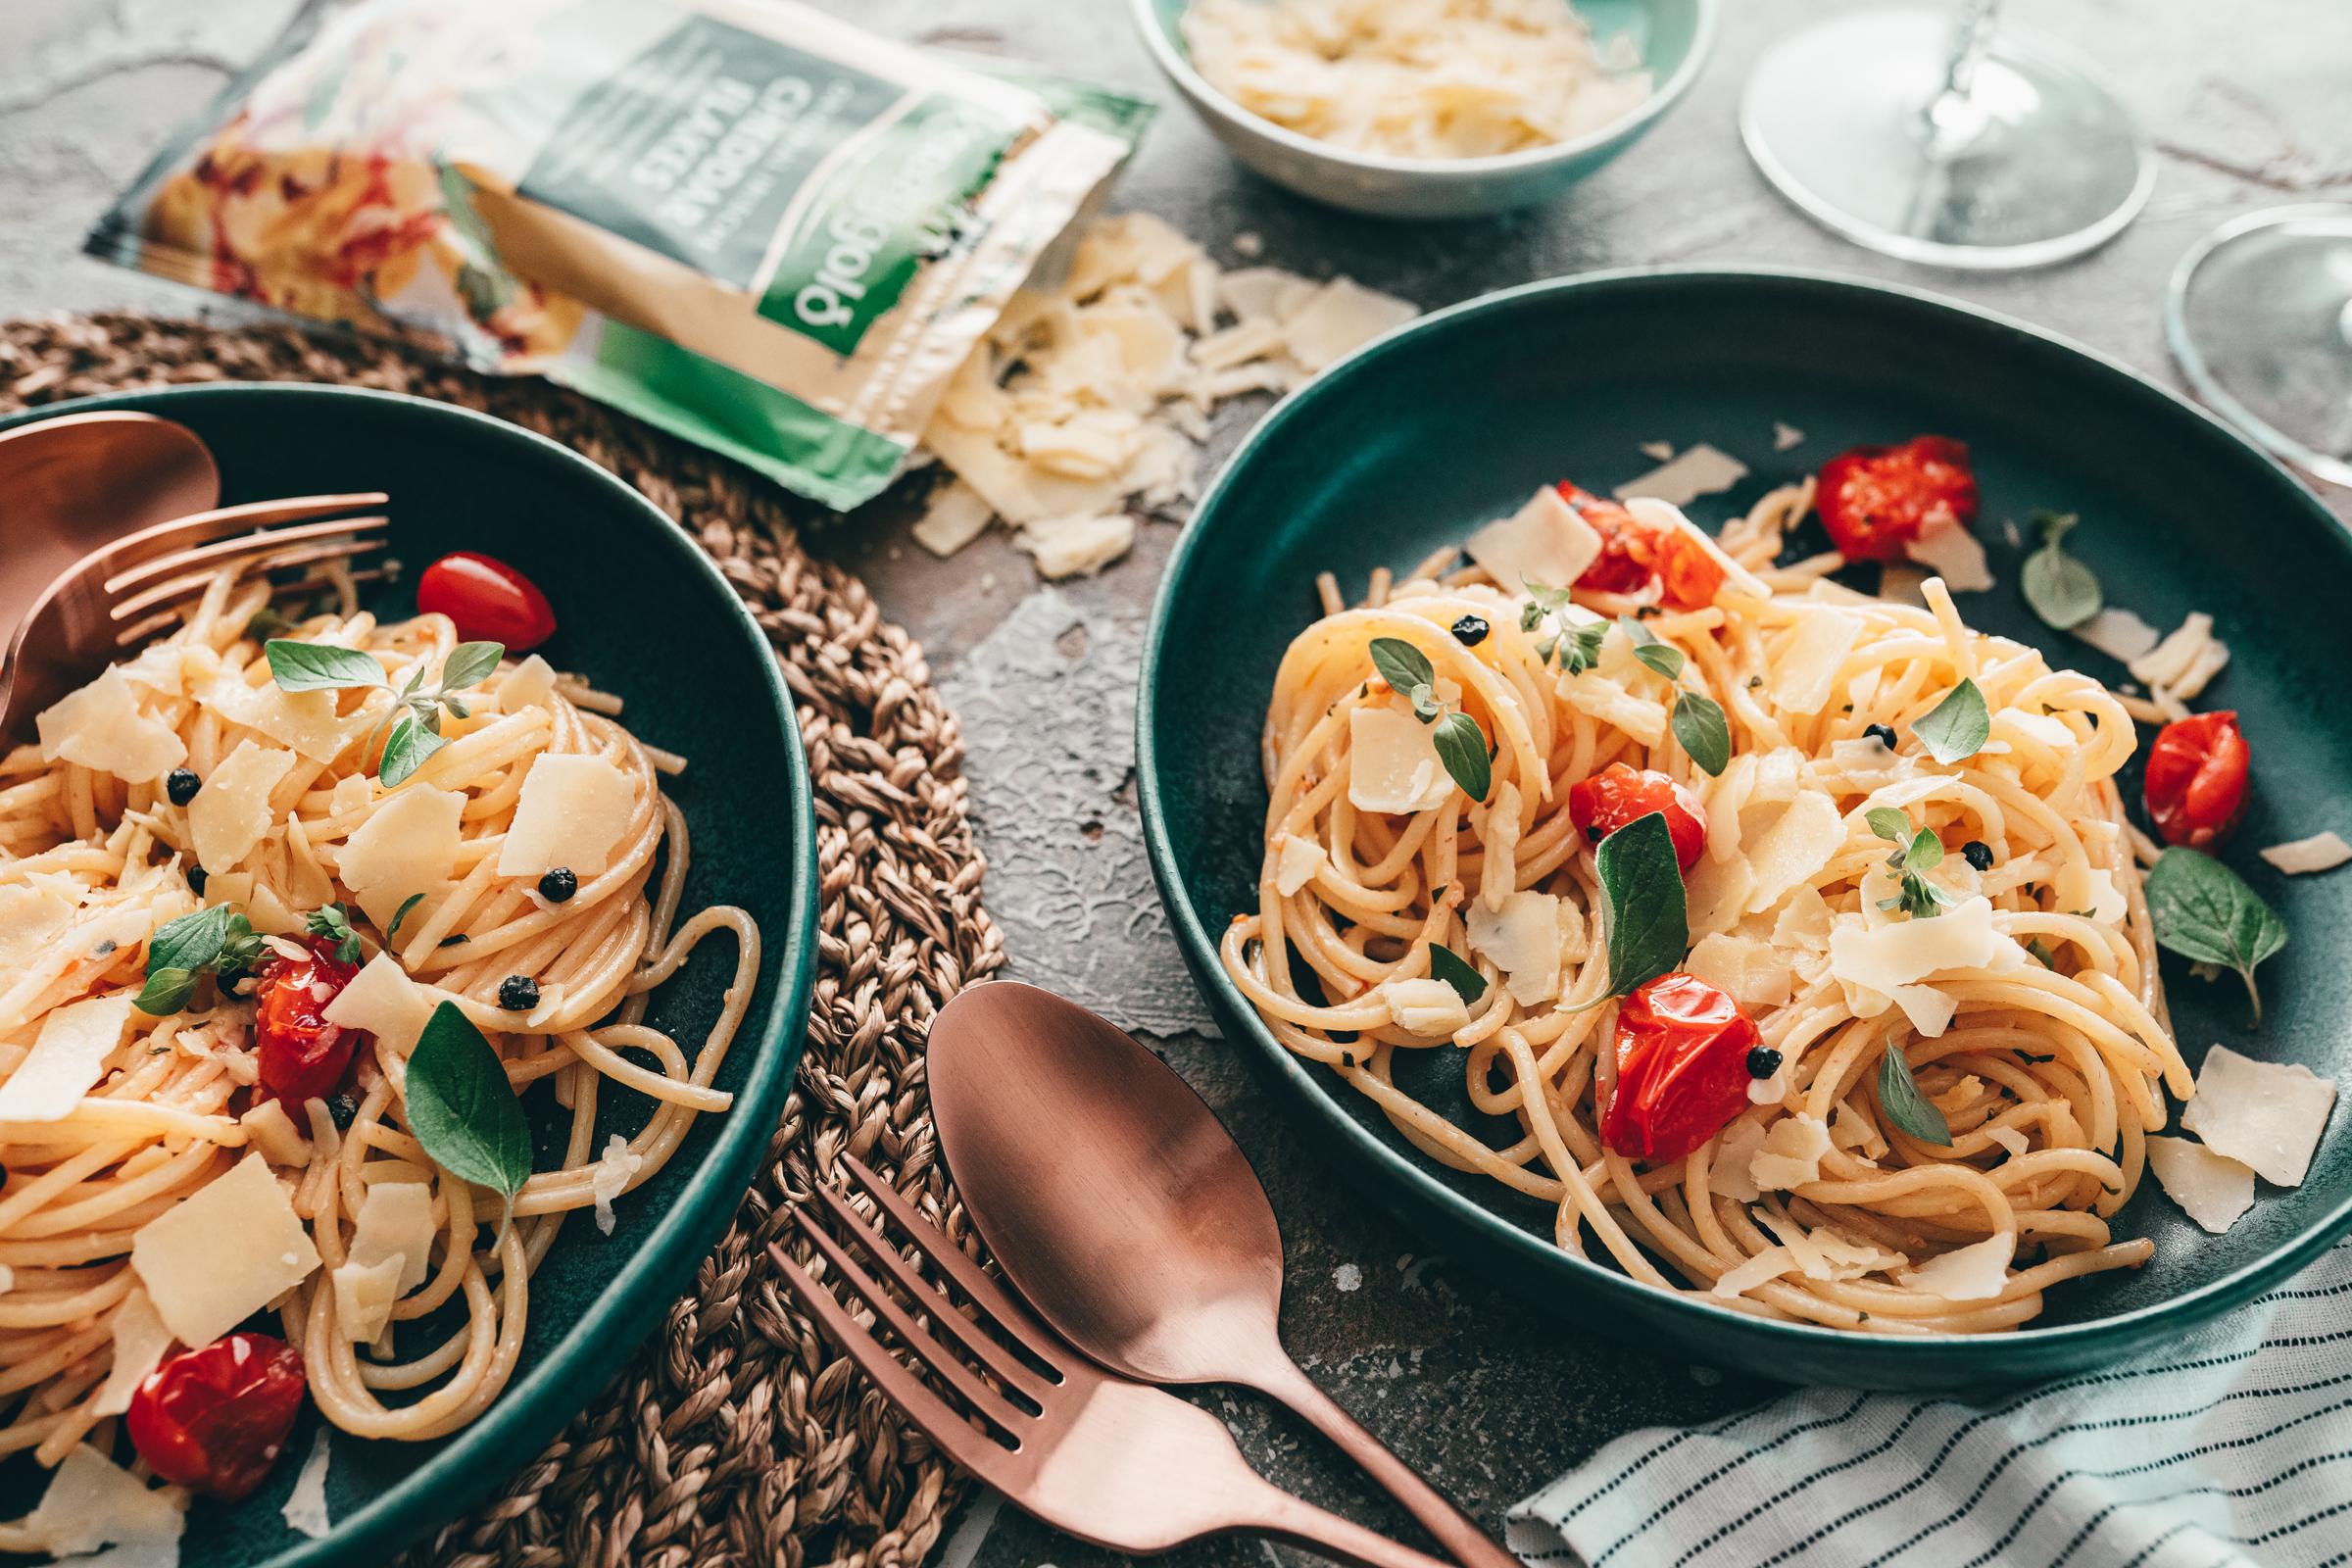 Spaghetti Aglio e Olio auf Teller